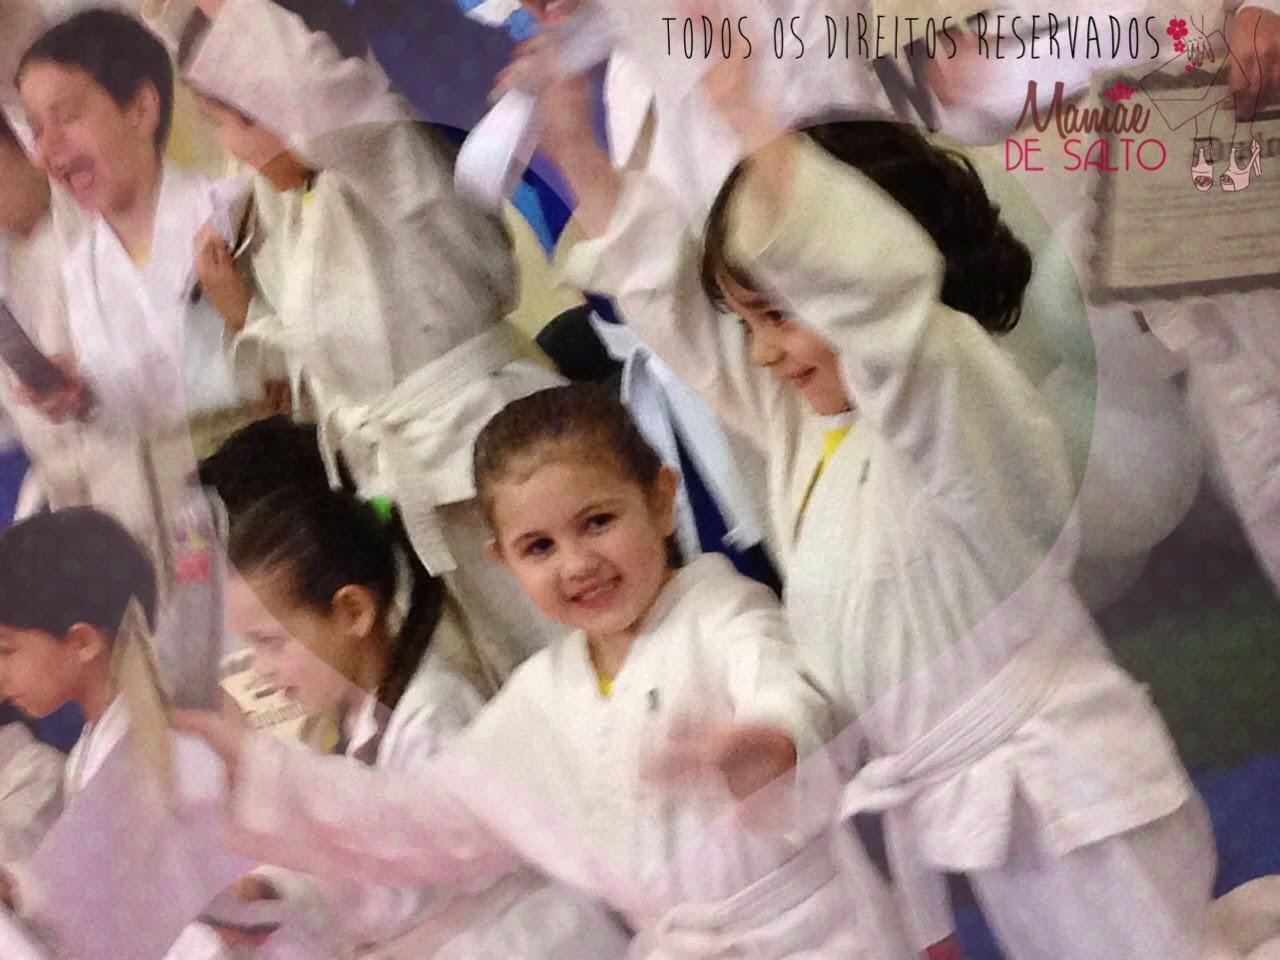 Sophia celebrando troca de faixa no judô - todos os direitos reservados blog Mamãe de Salto